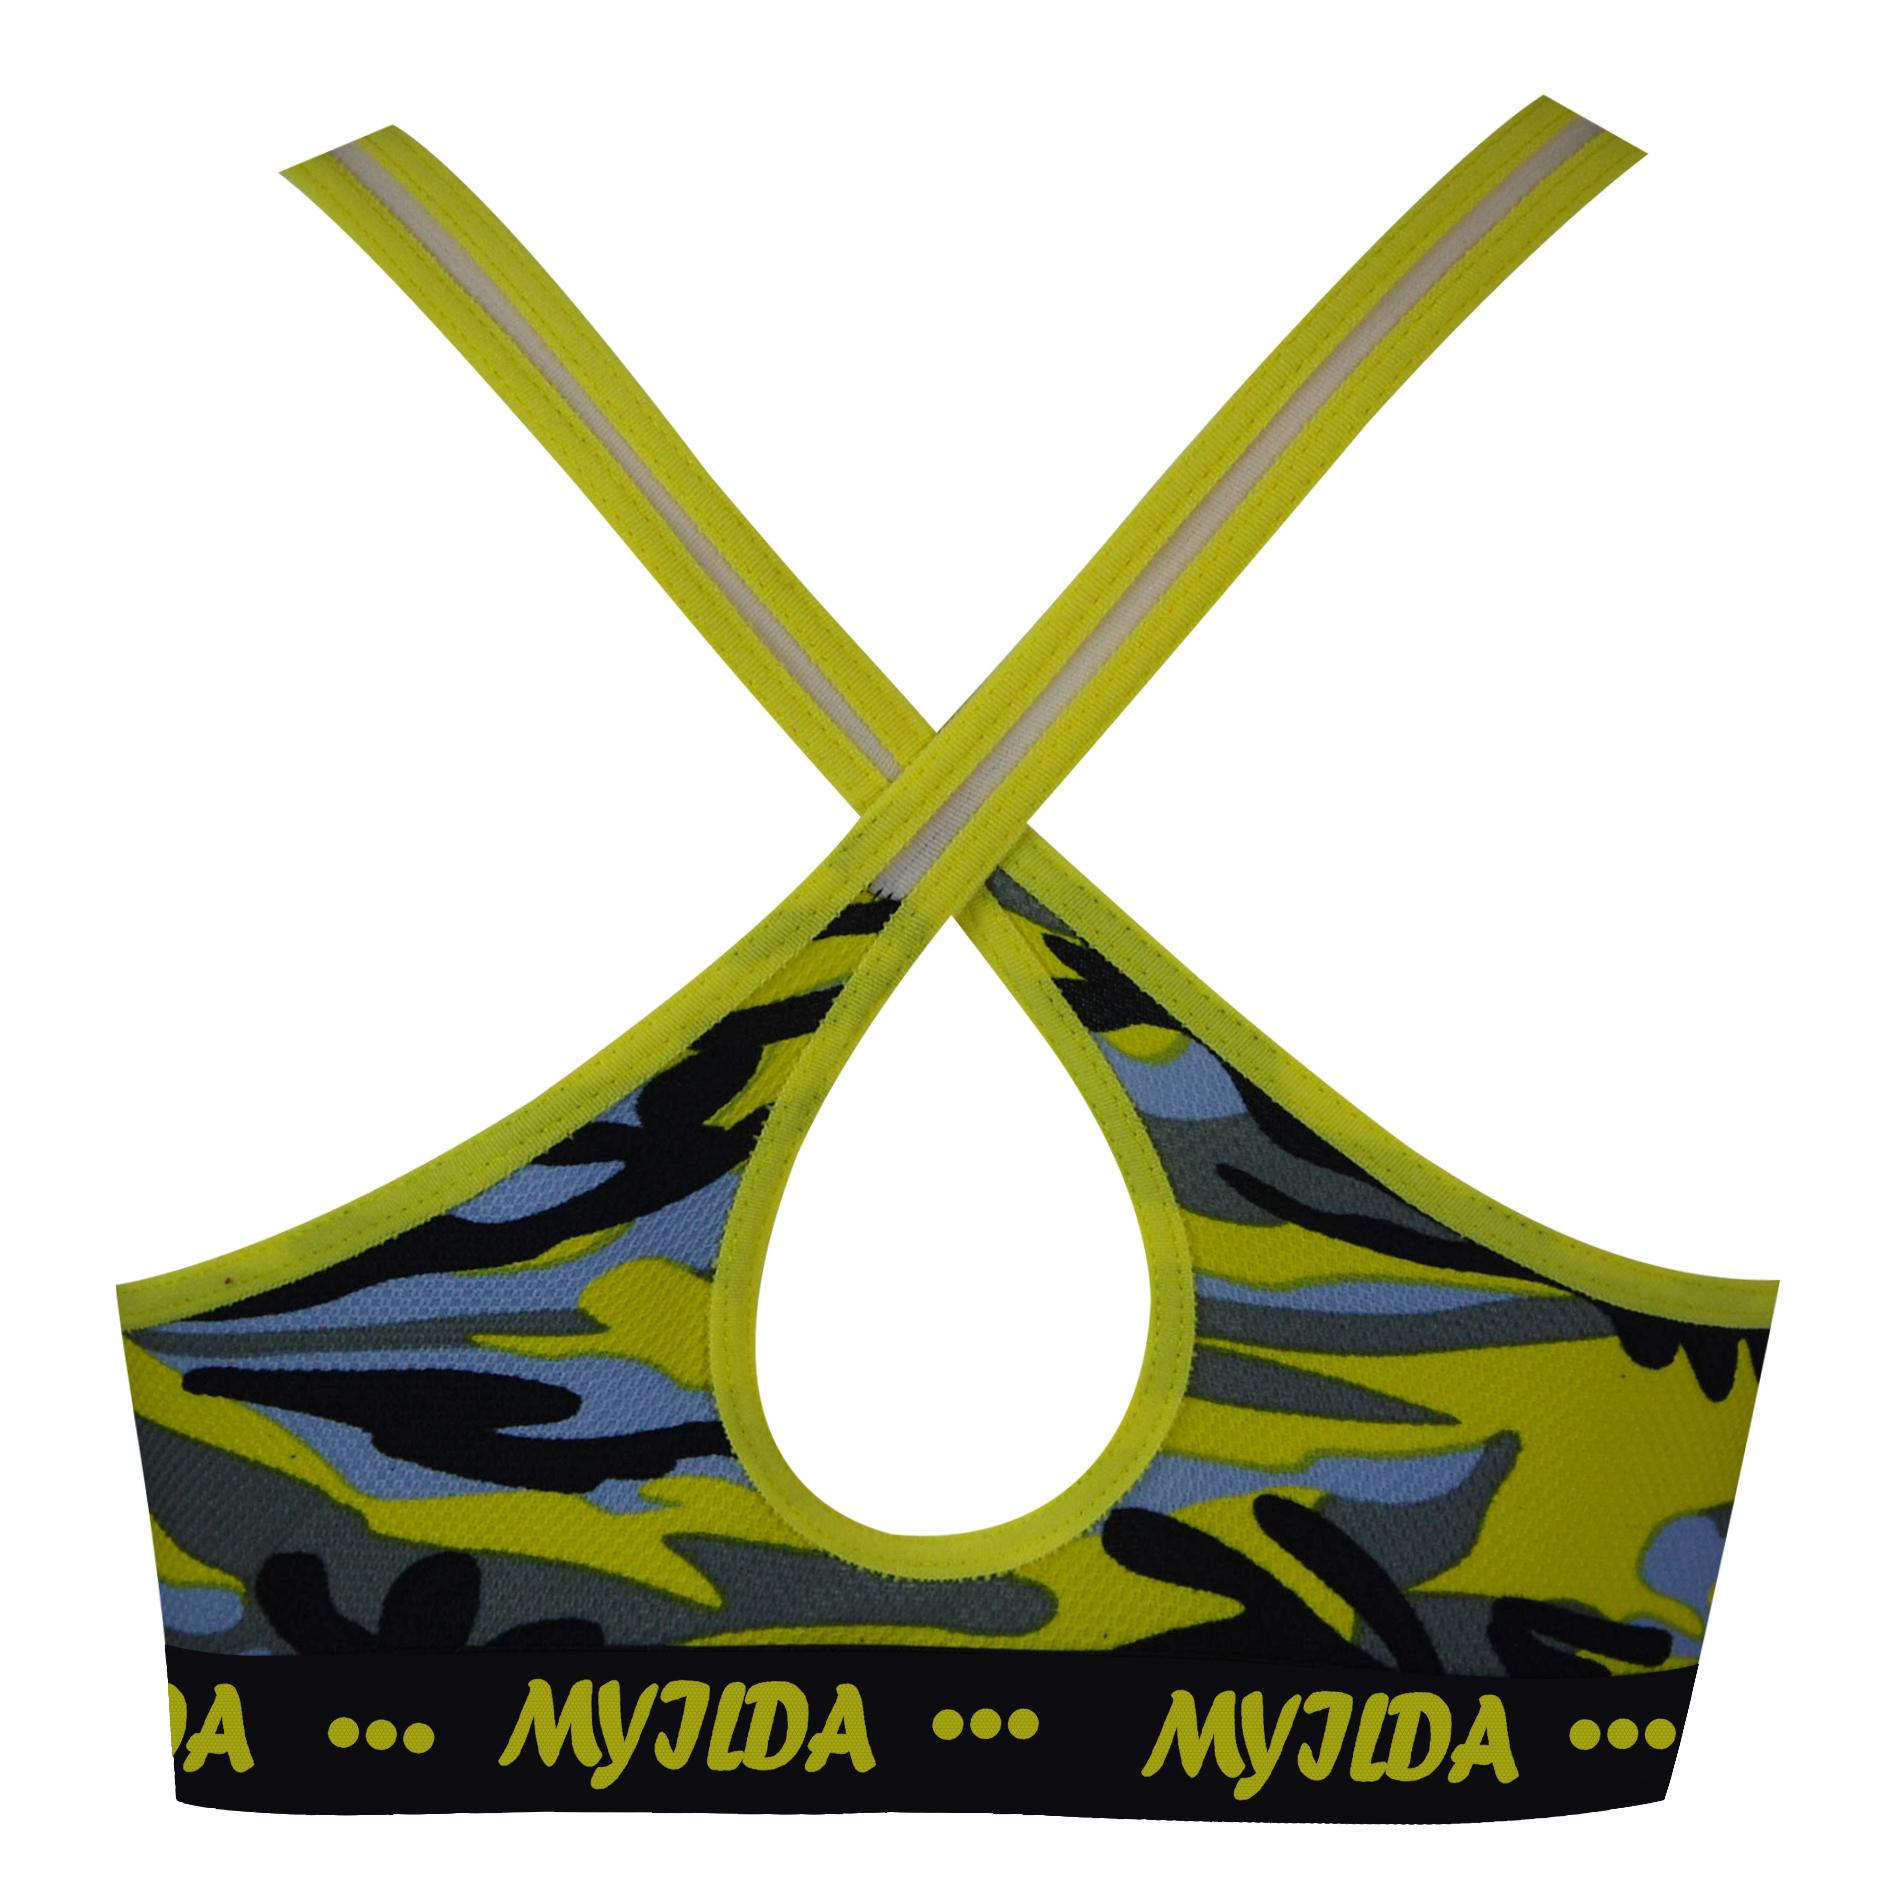 نیم تنه ورزشی زنانه ماییلدا مدل 3532-5 main 1 3